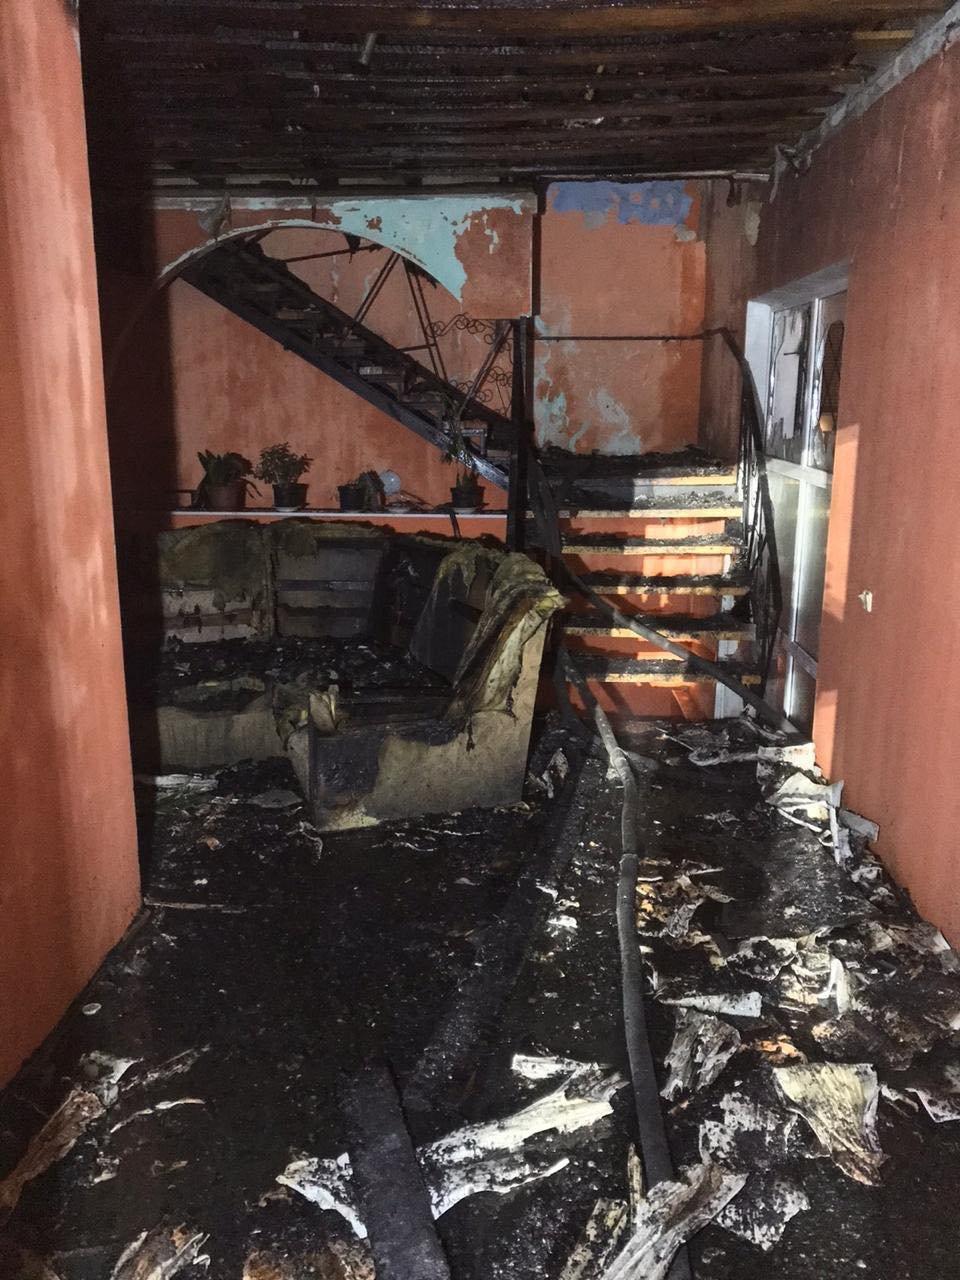 Жалоба та розслідування: що відомо про пожежу у будинку з літніми людьми у Харкові, фото-5